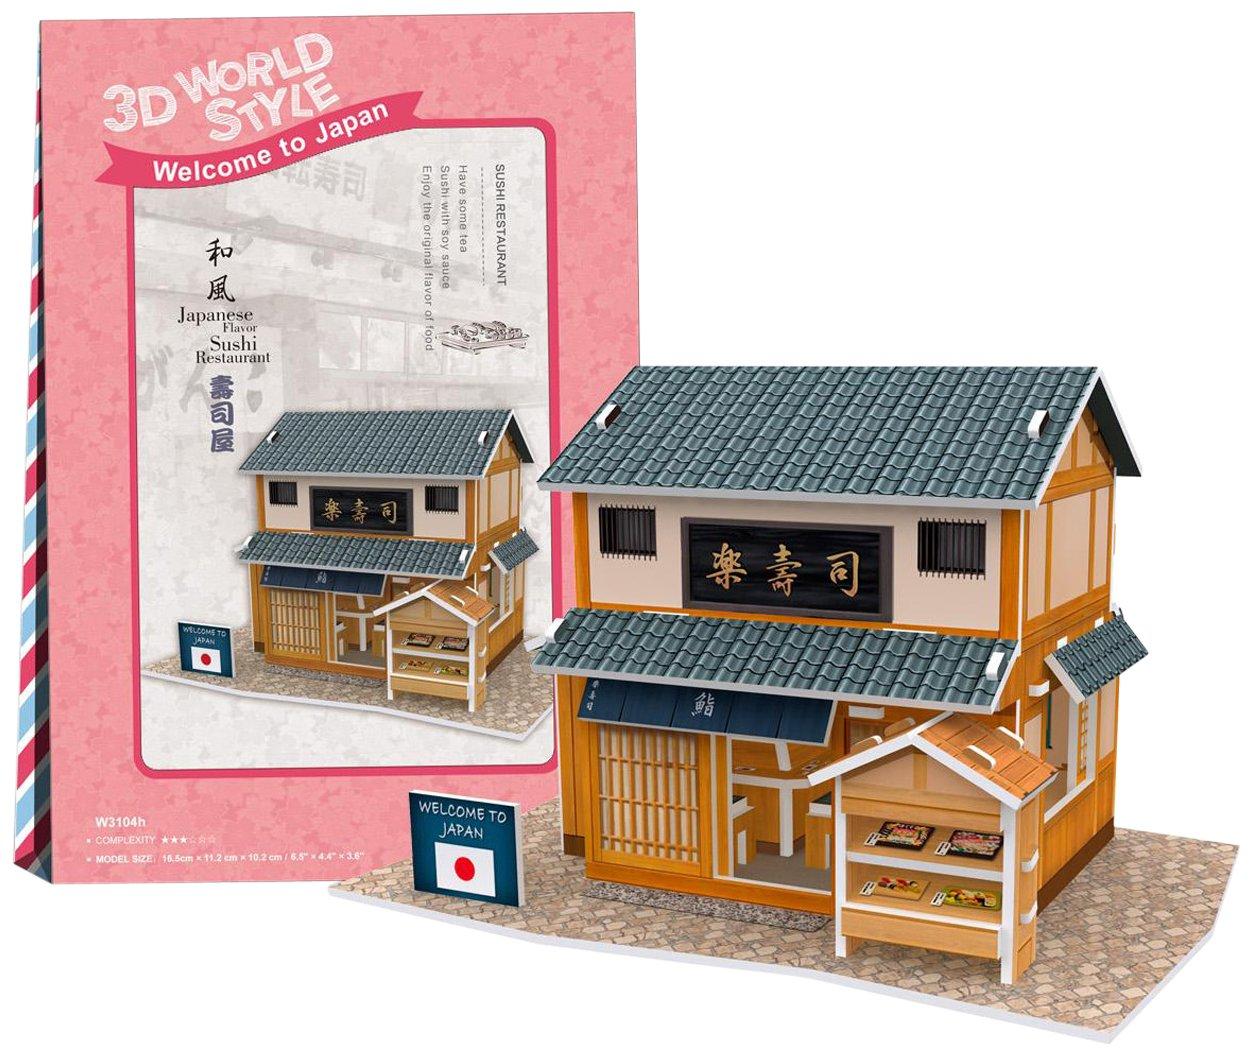 купить Cubicfun Cubic Fun 3d Puzzle Model 32pcs Japanese Flavor Sushi Restaurant недорого